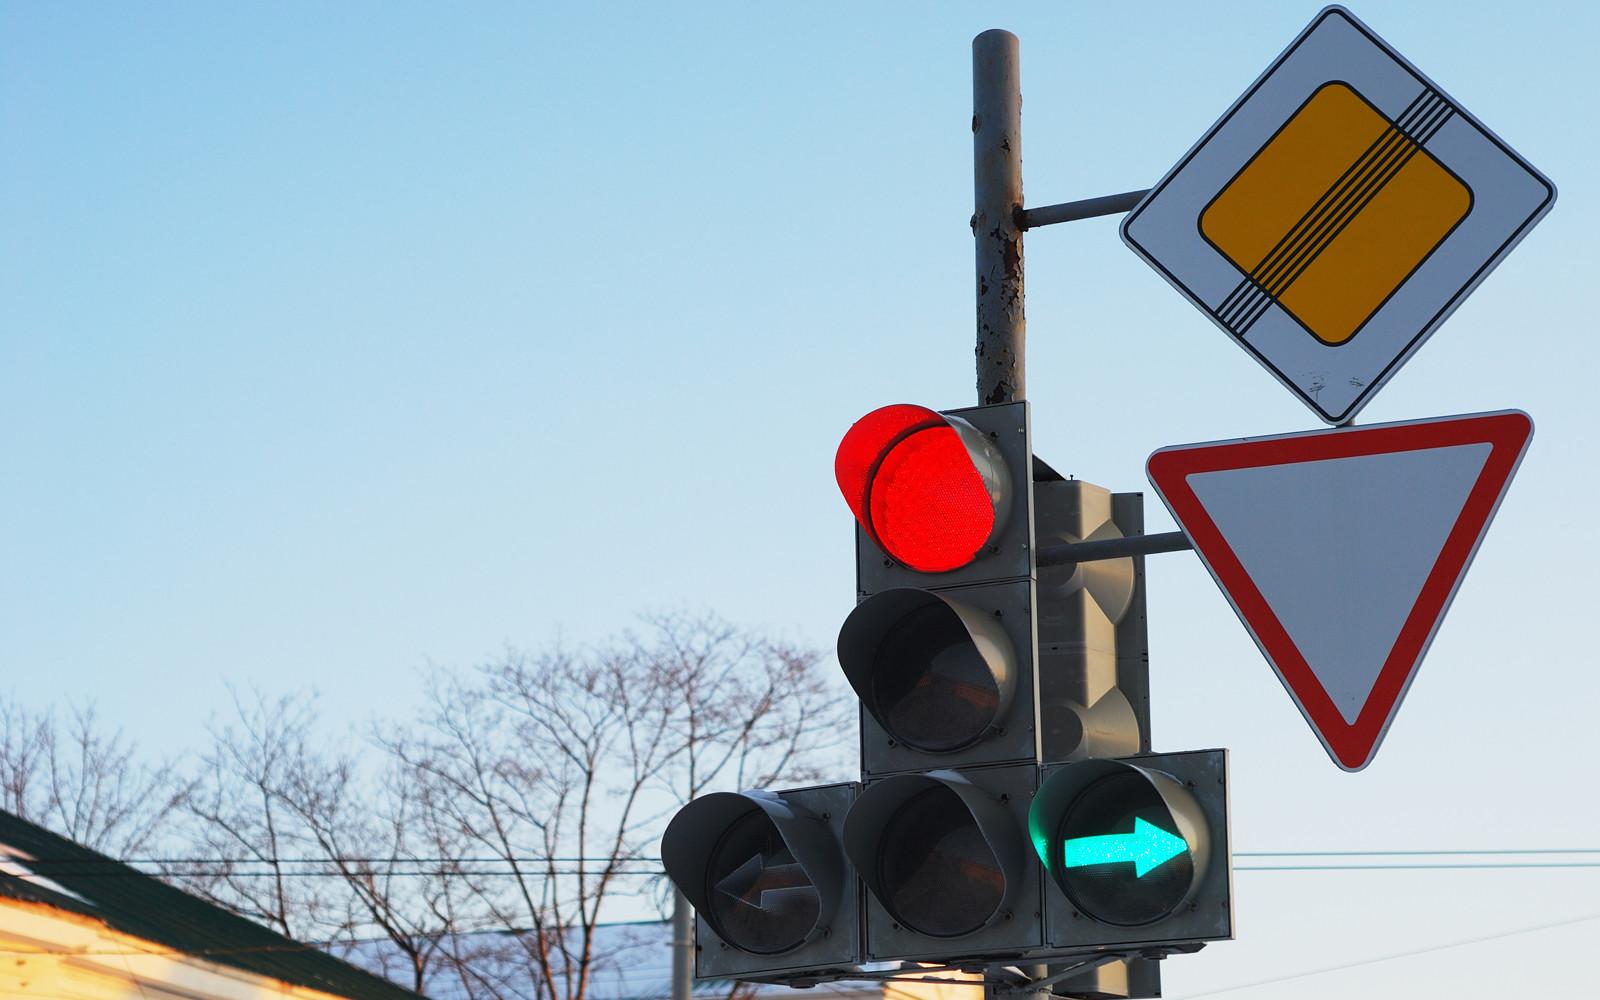 В РФ могут уменьшить размер уличных знаков